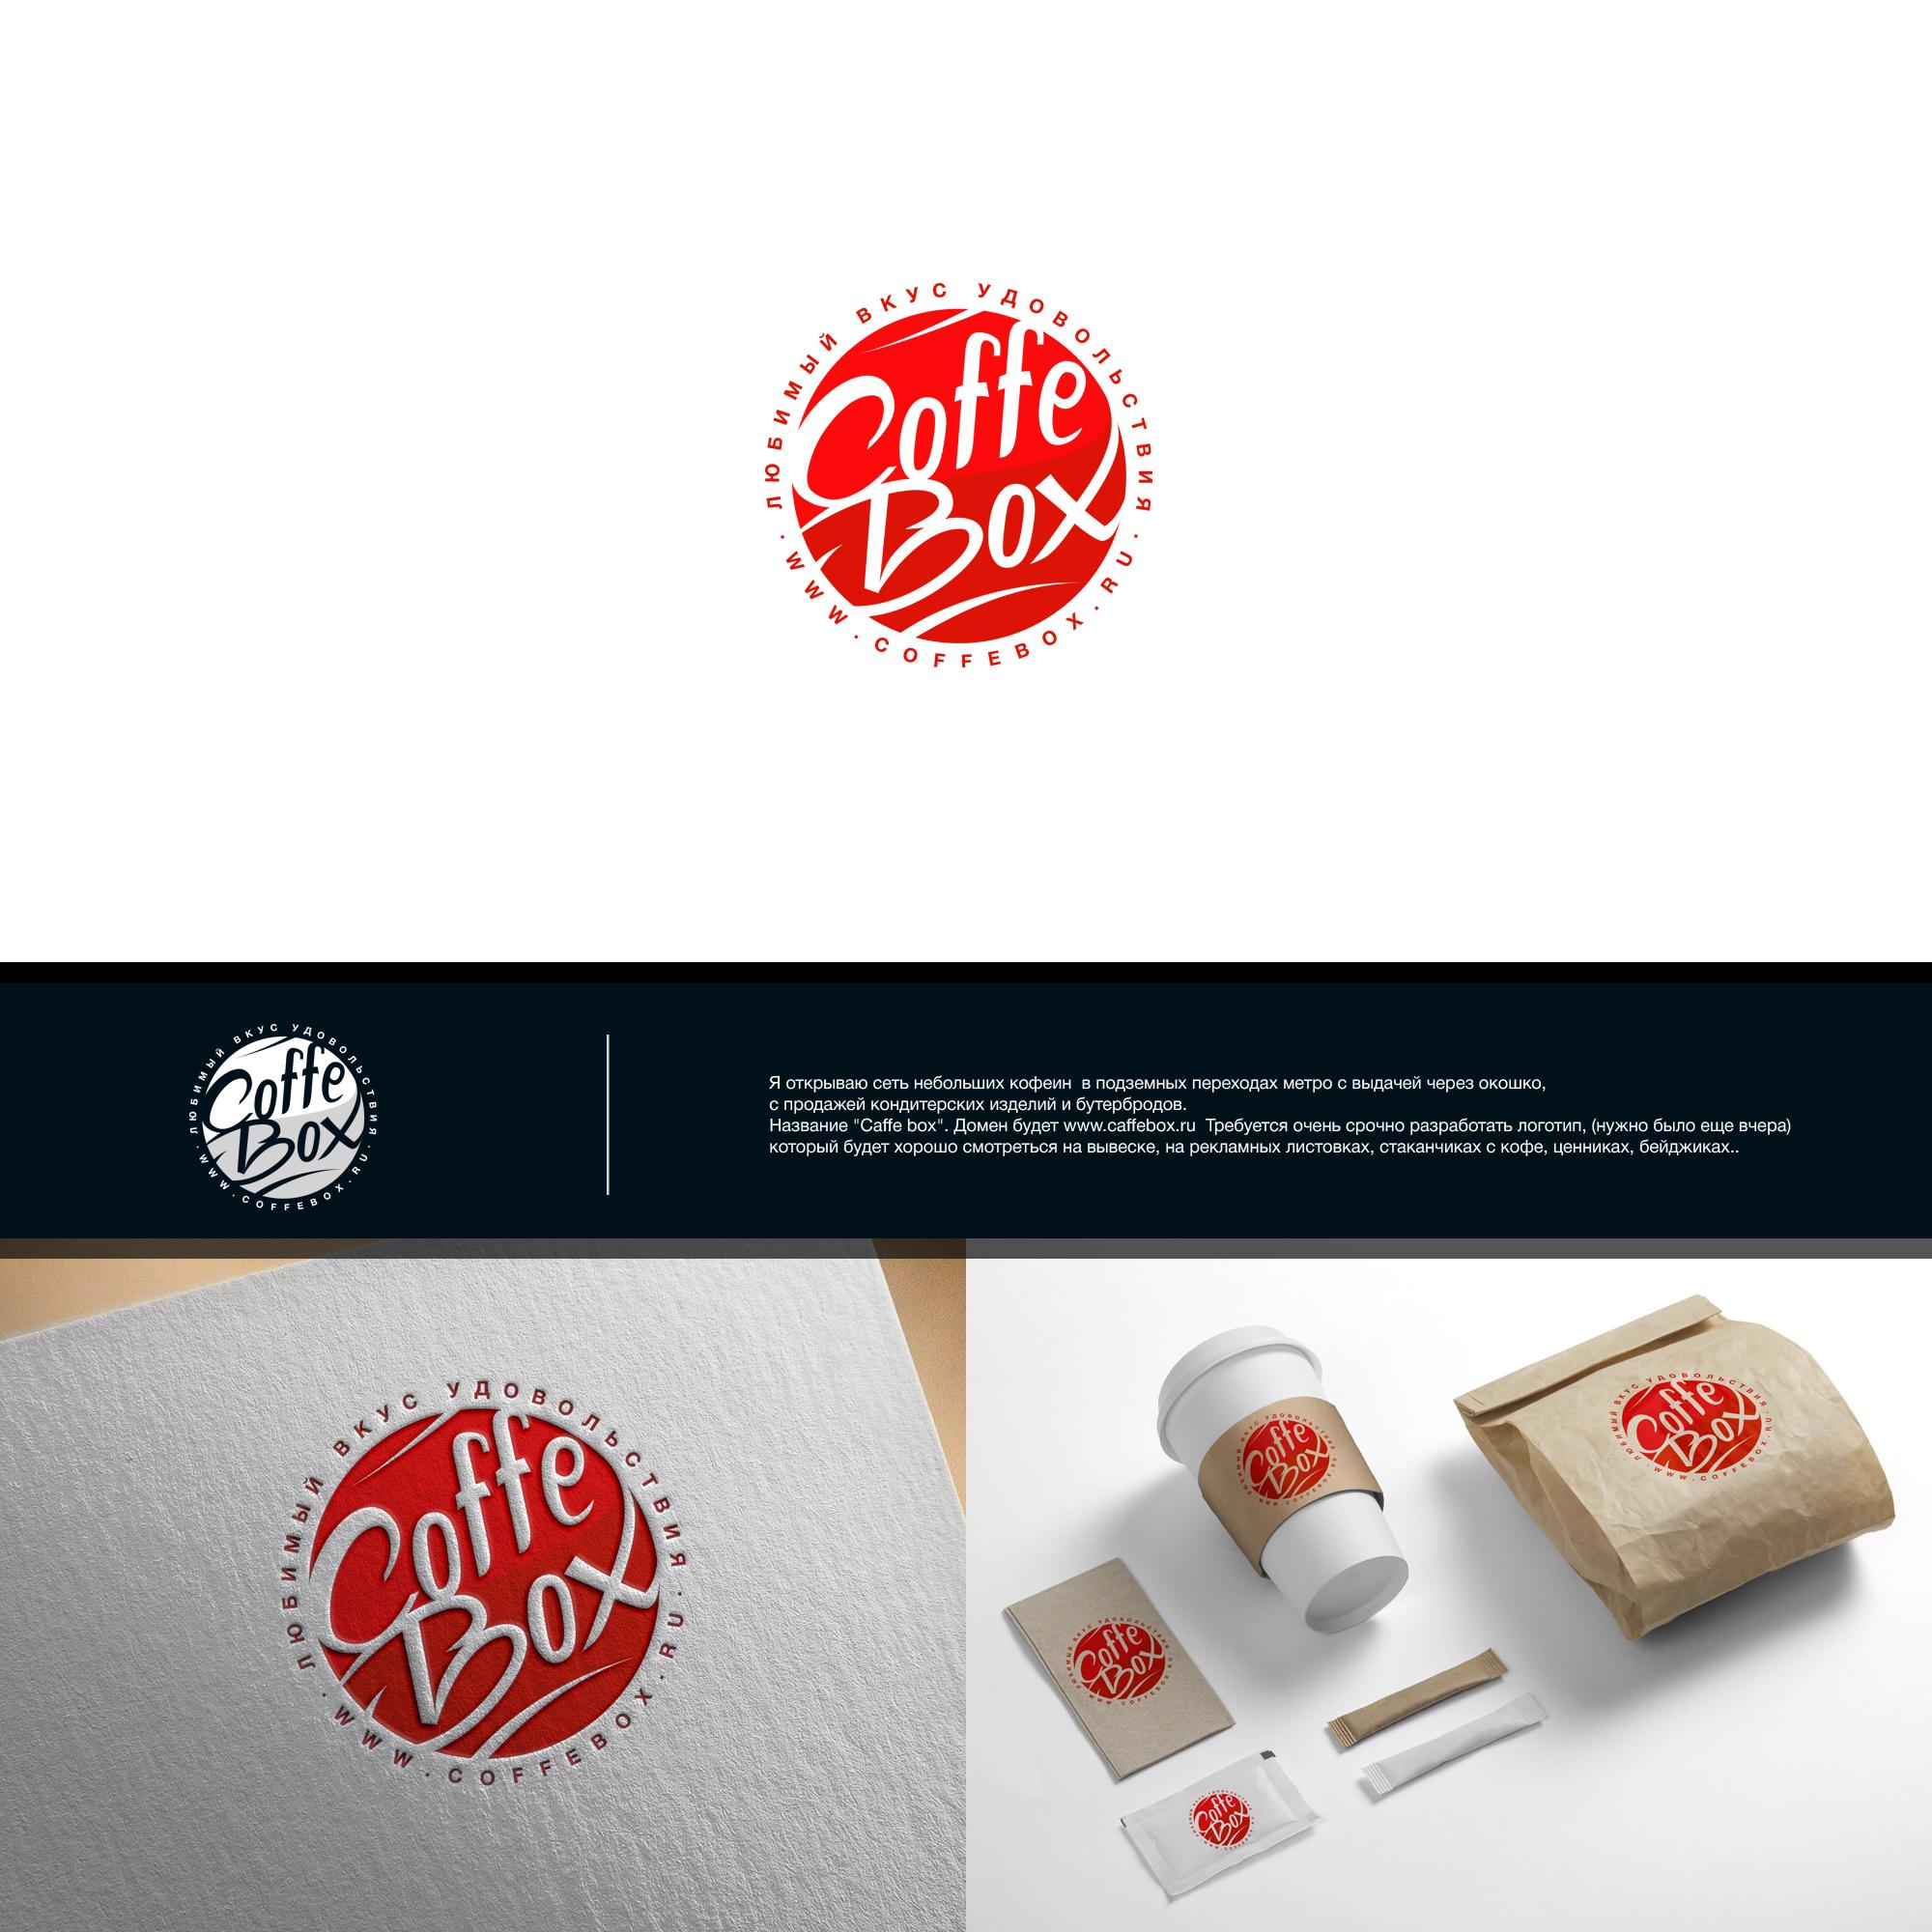 Требуется очень срочно разработать логотип кофейни! фото f_7665a0de8b1ca0dd.jpg